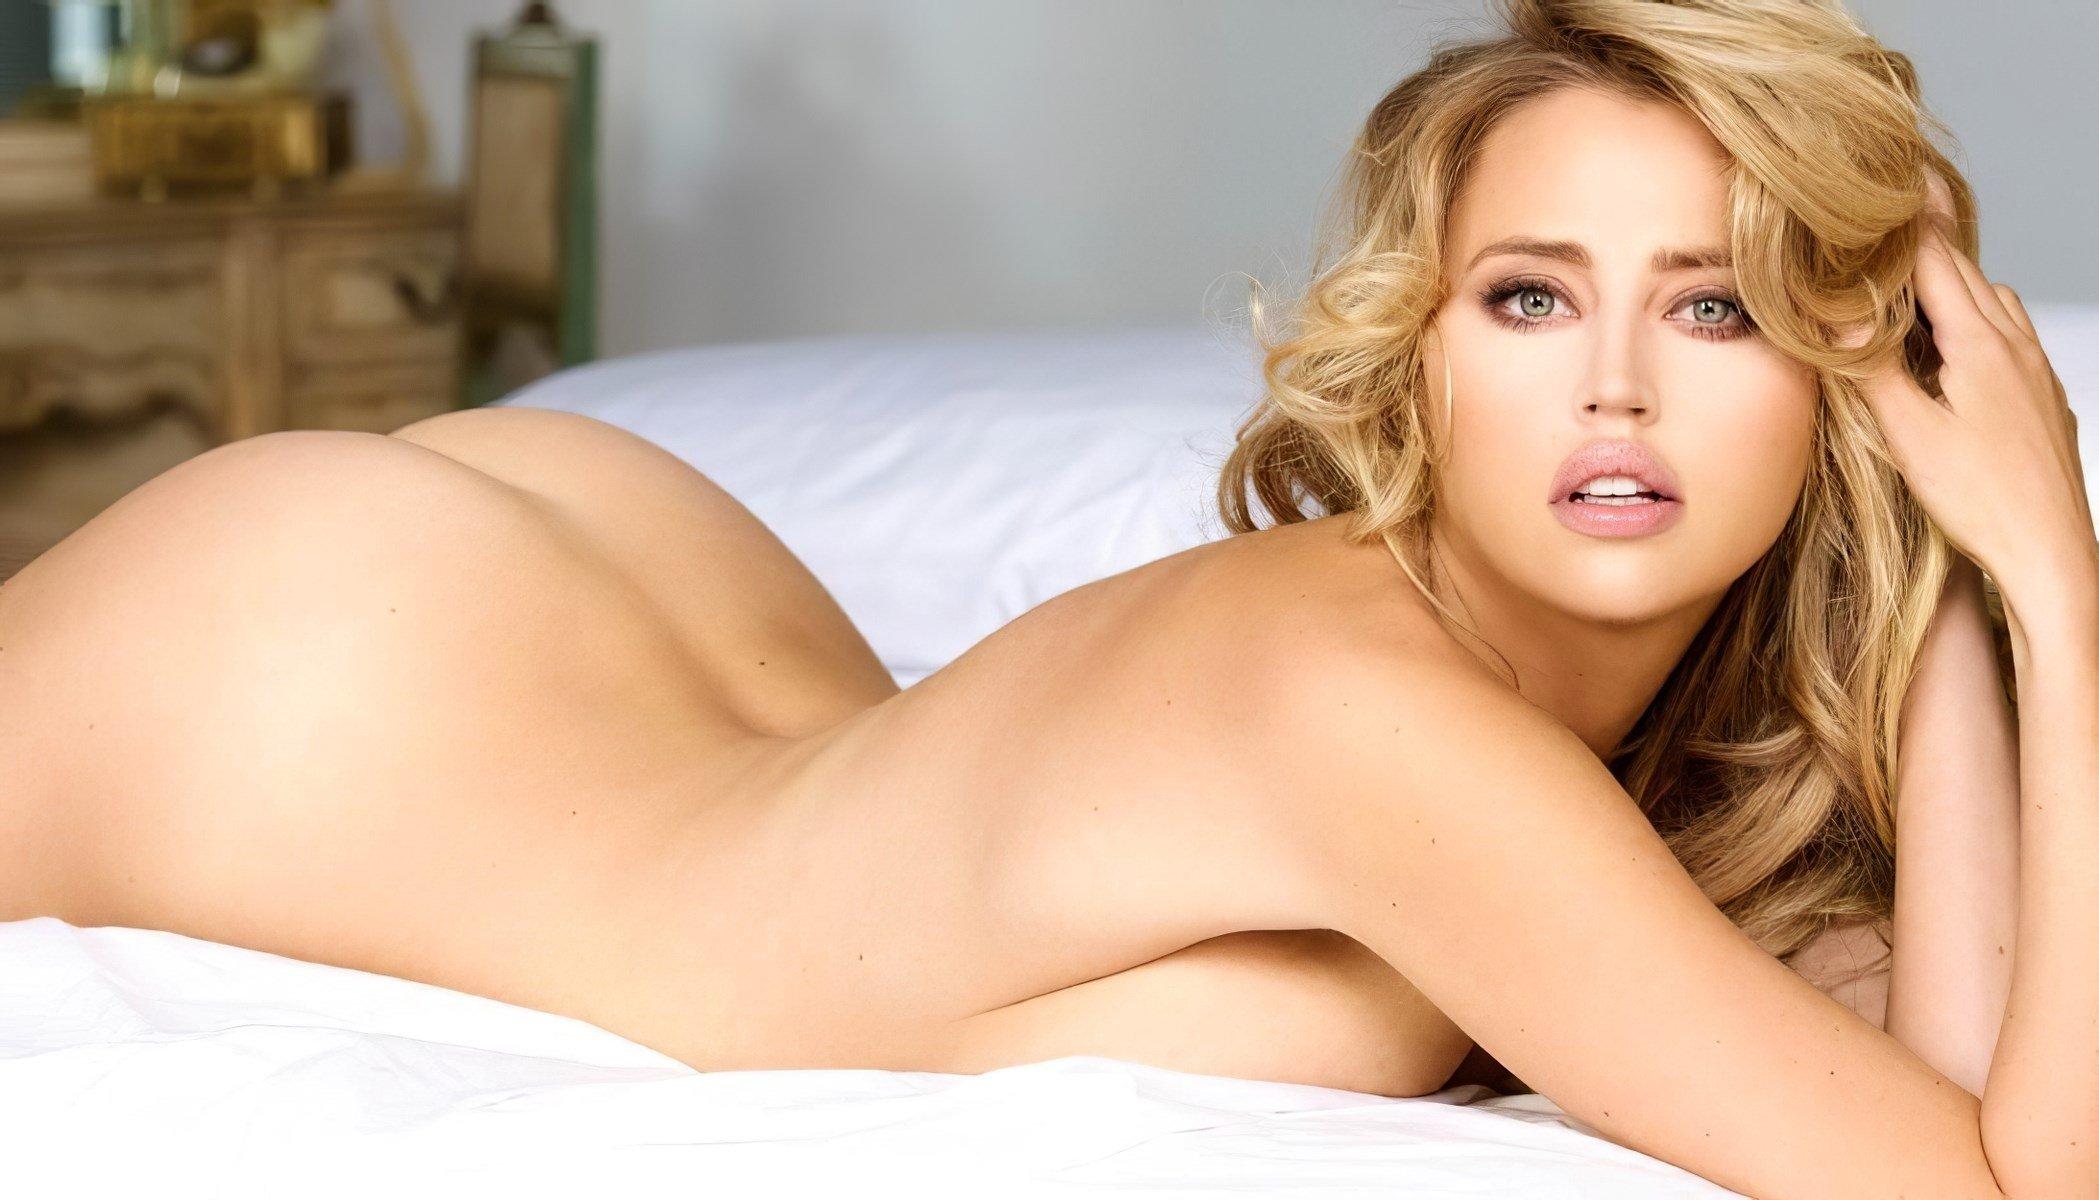 Ten most beautiful porn stars